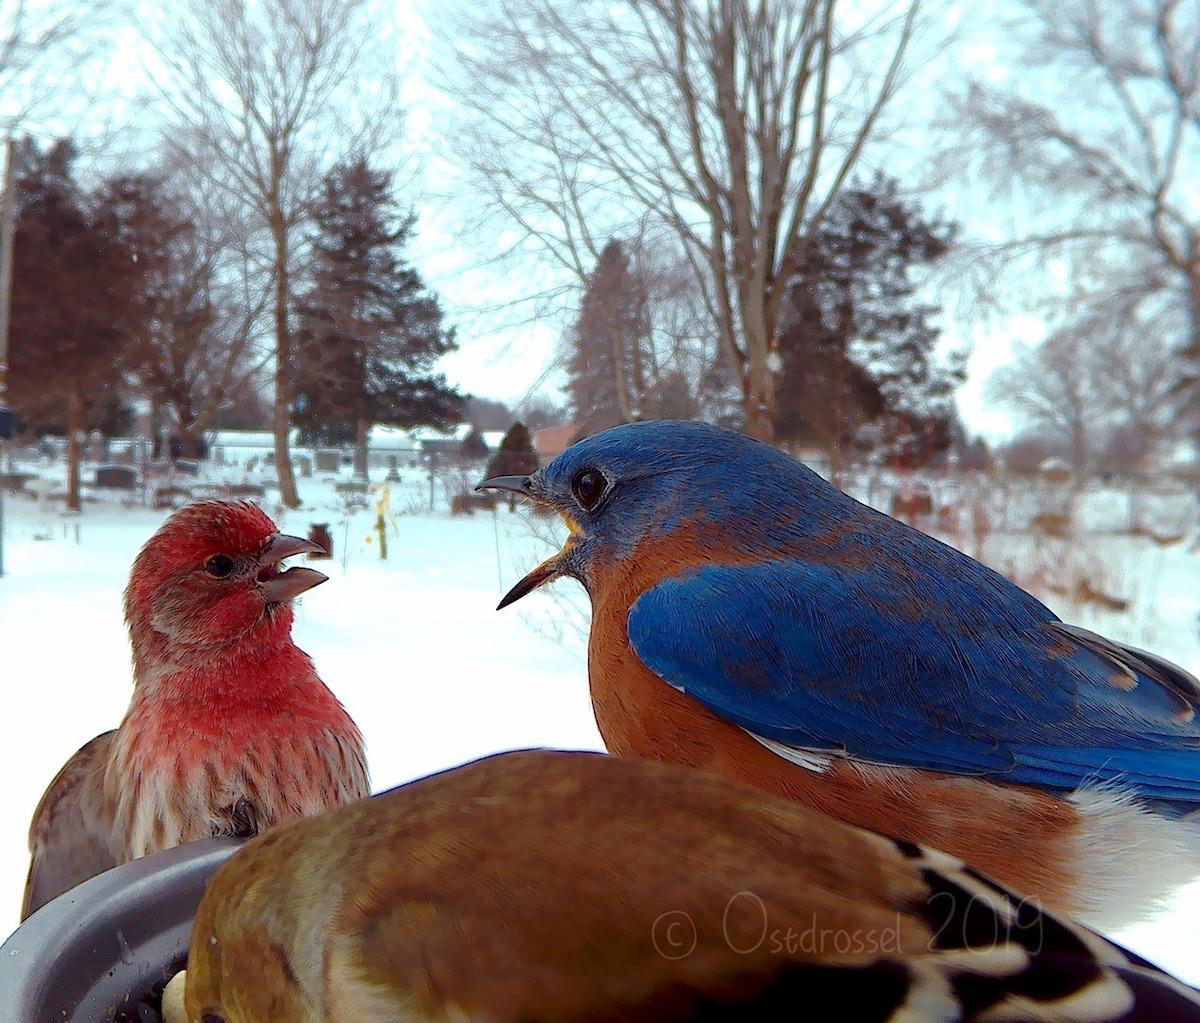 Fotos de aves por Ostdrossel